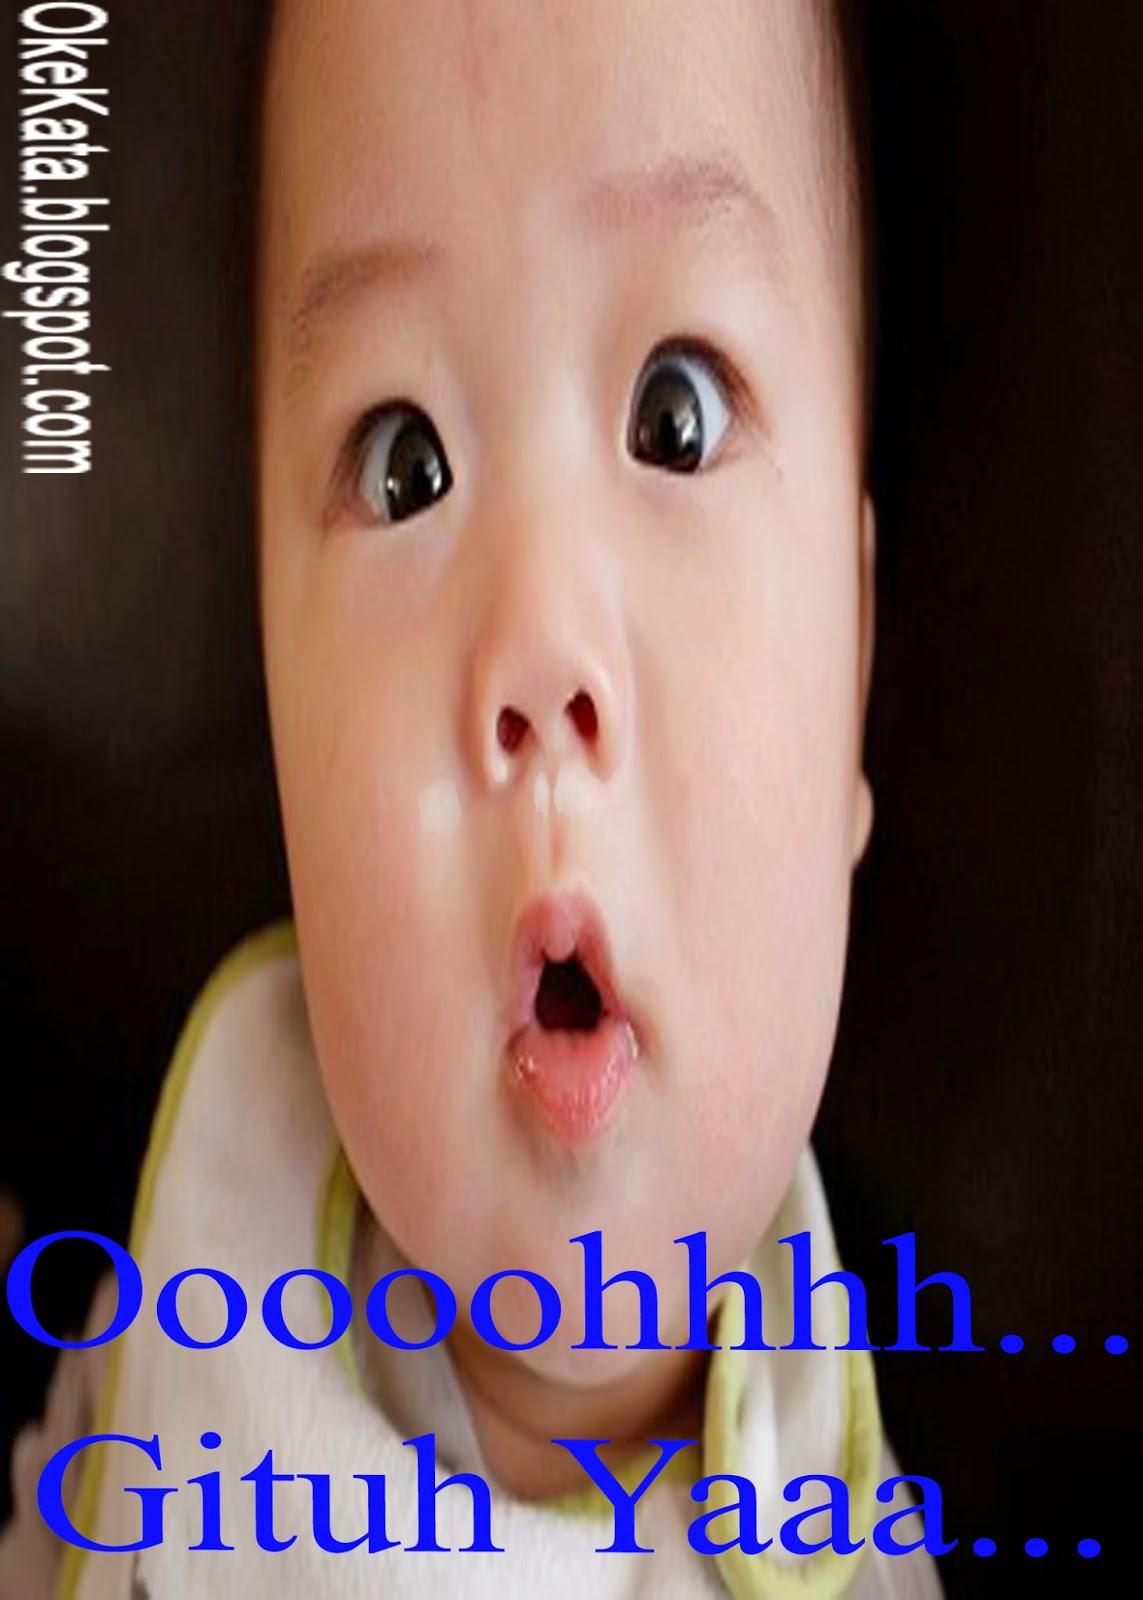 Kumpulan Gambar Gambar Bayi Menarik Lucu Dan Keren OkeKata